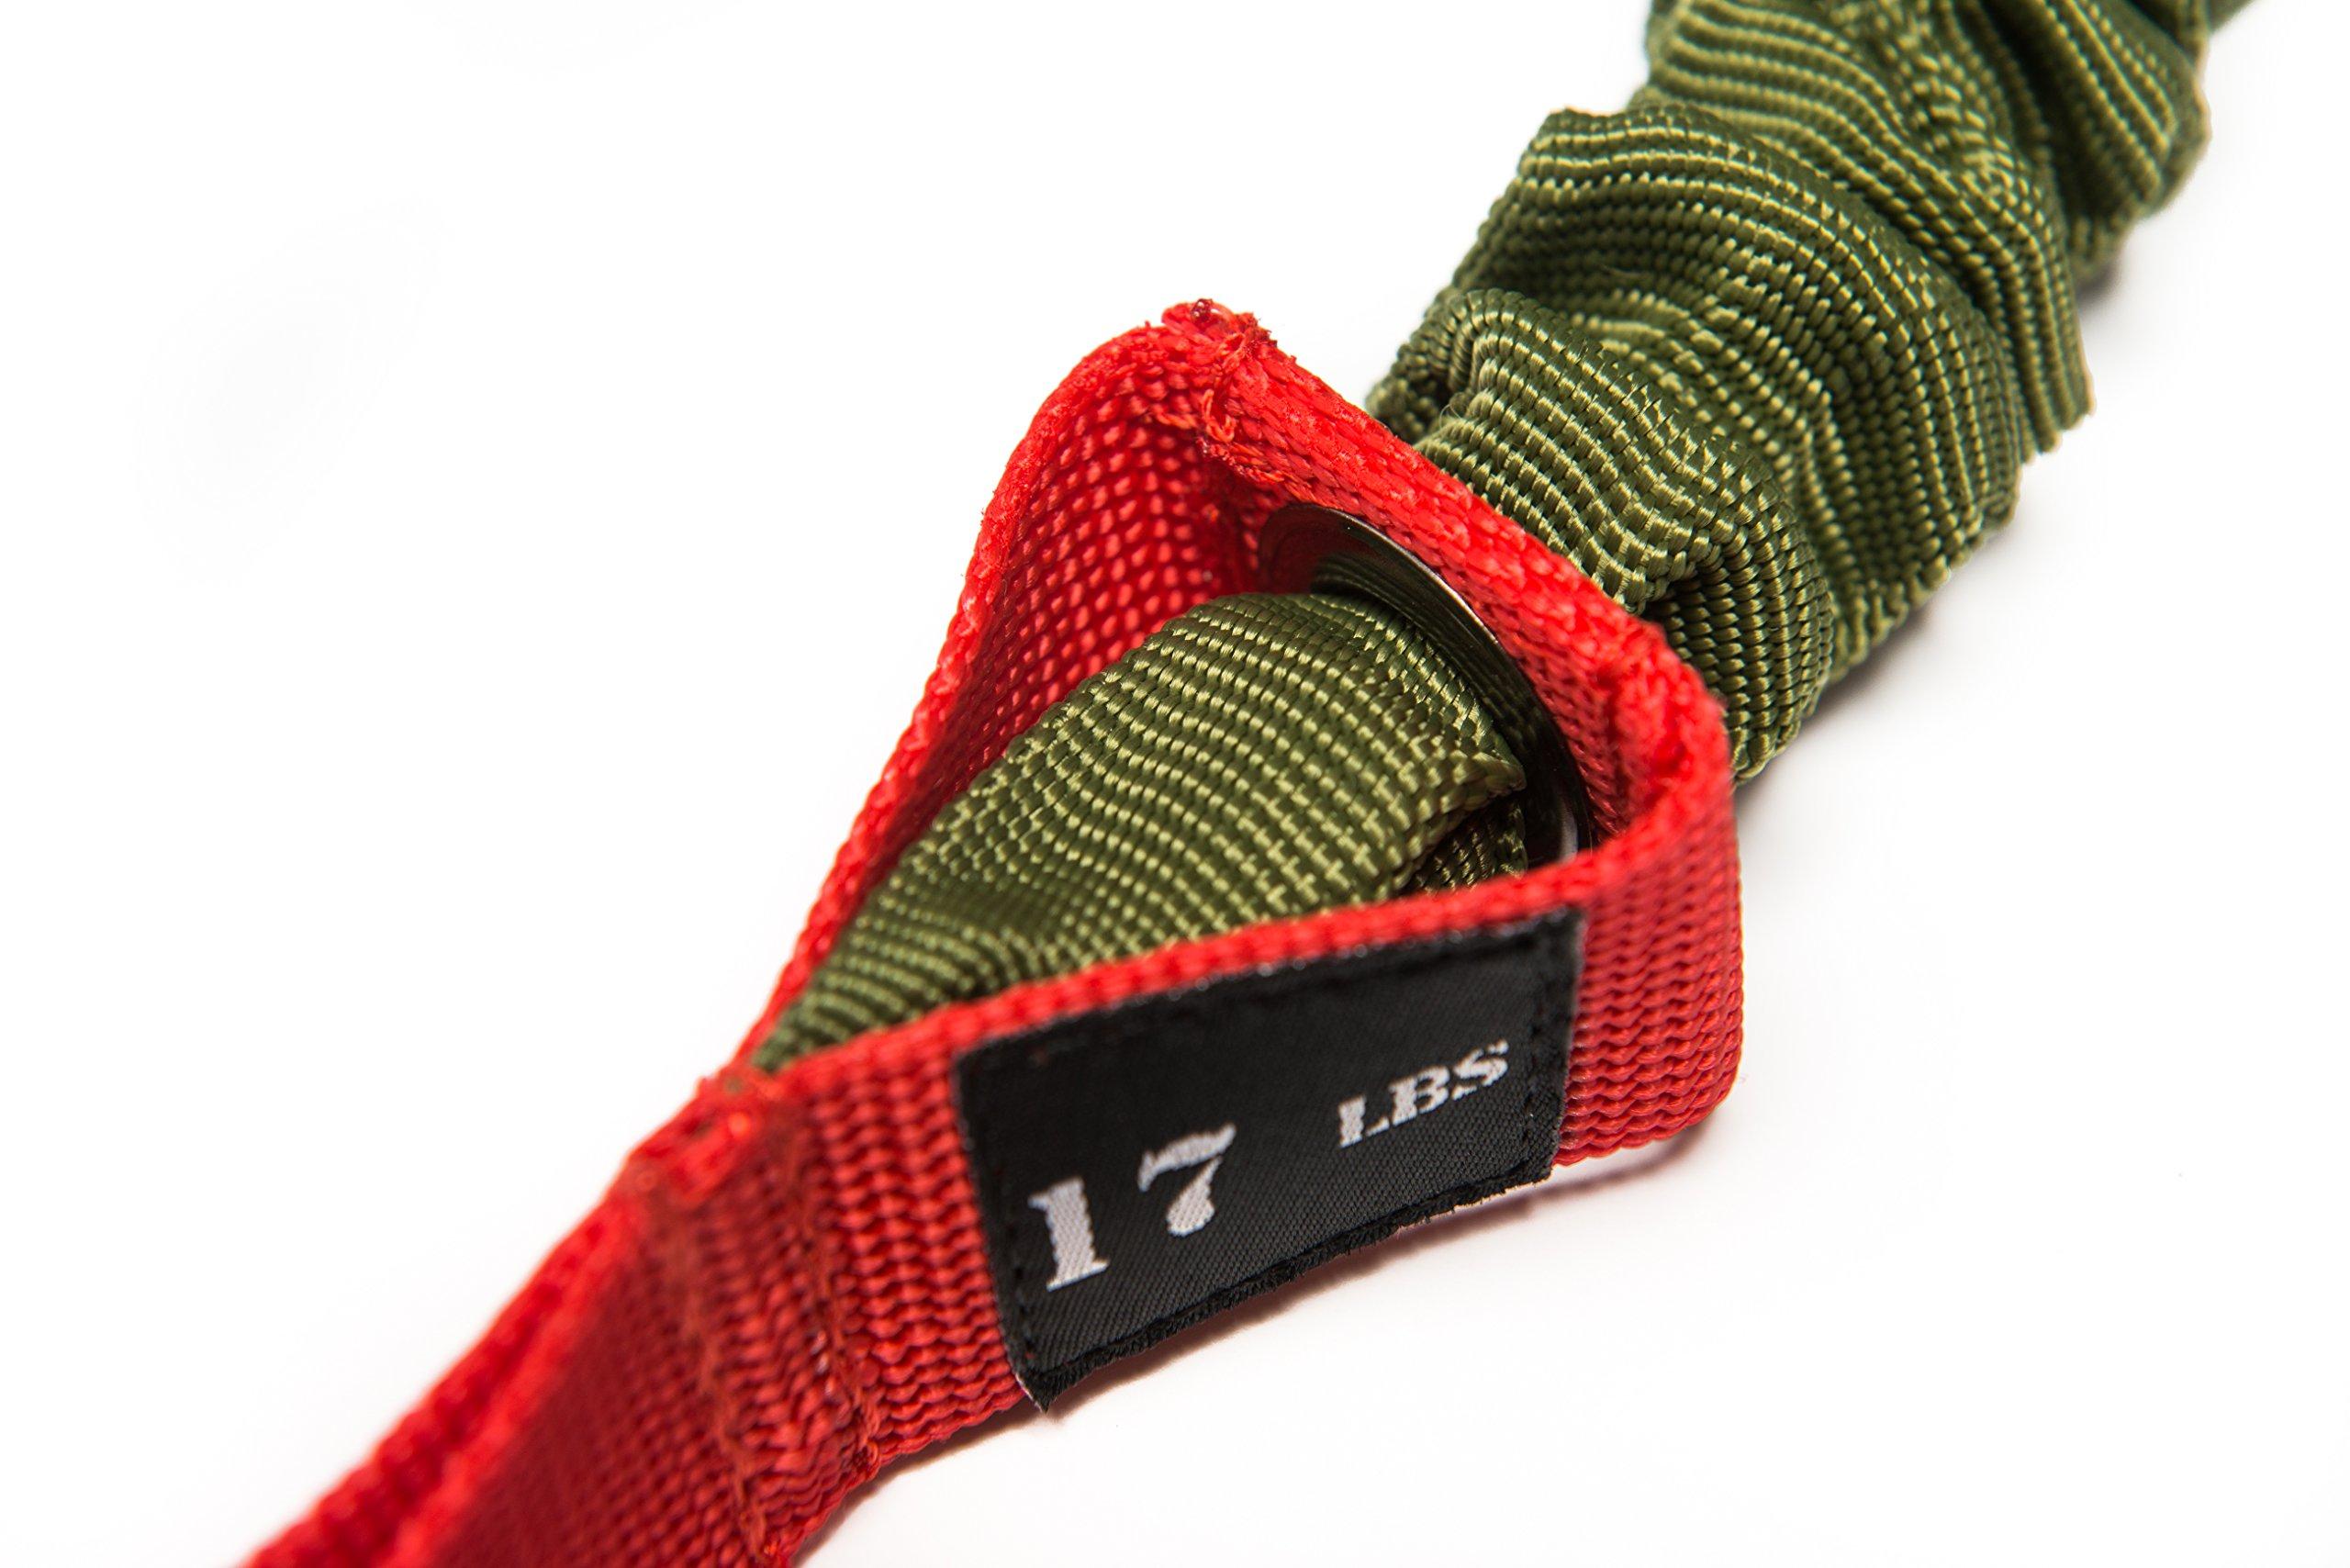 4KOR Elite Forces 2.0 (5 Levels w/Door Strap) by 4KOR Fitness (Image #3)